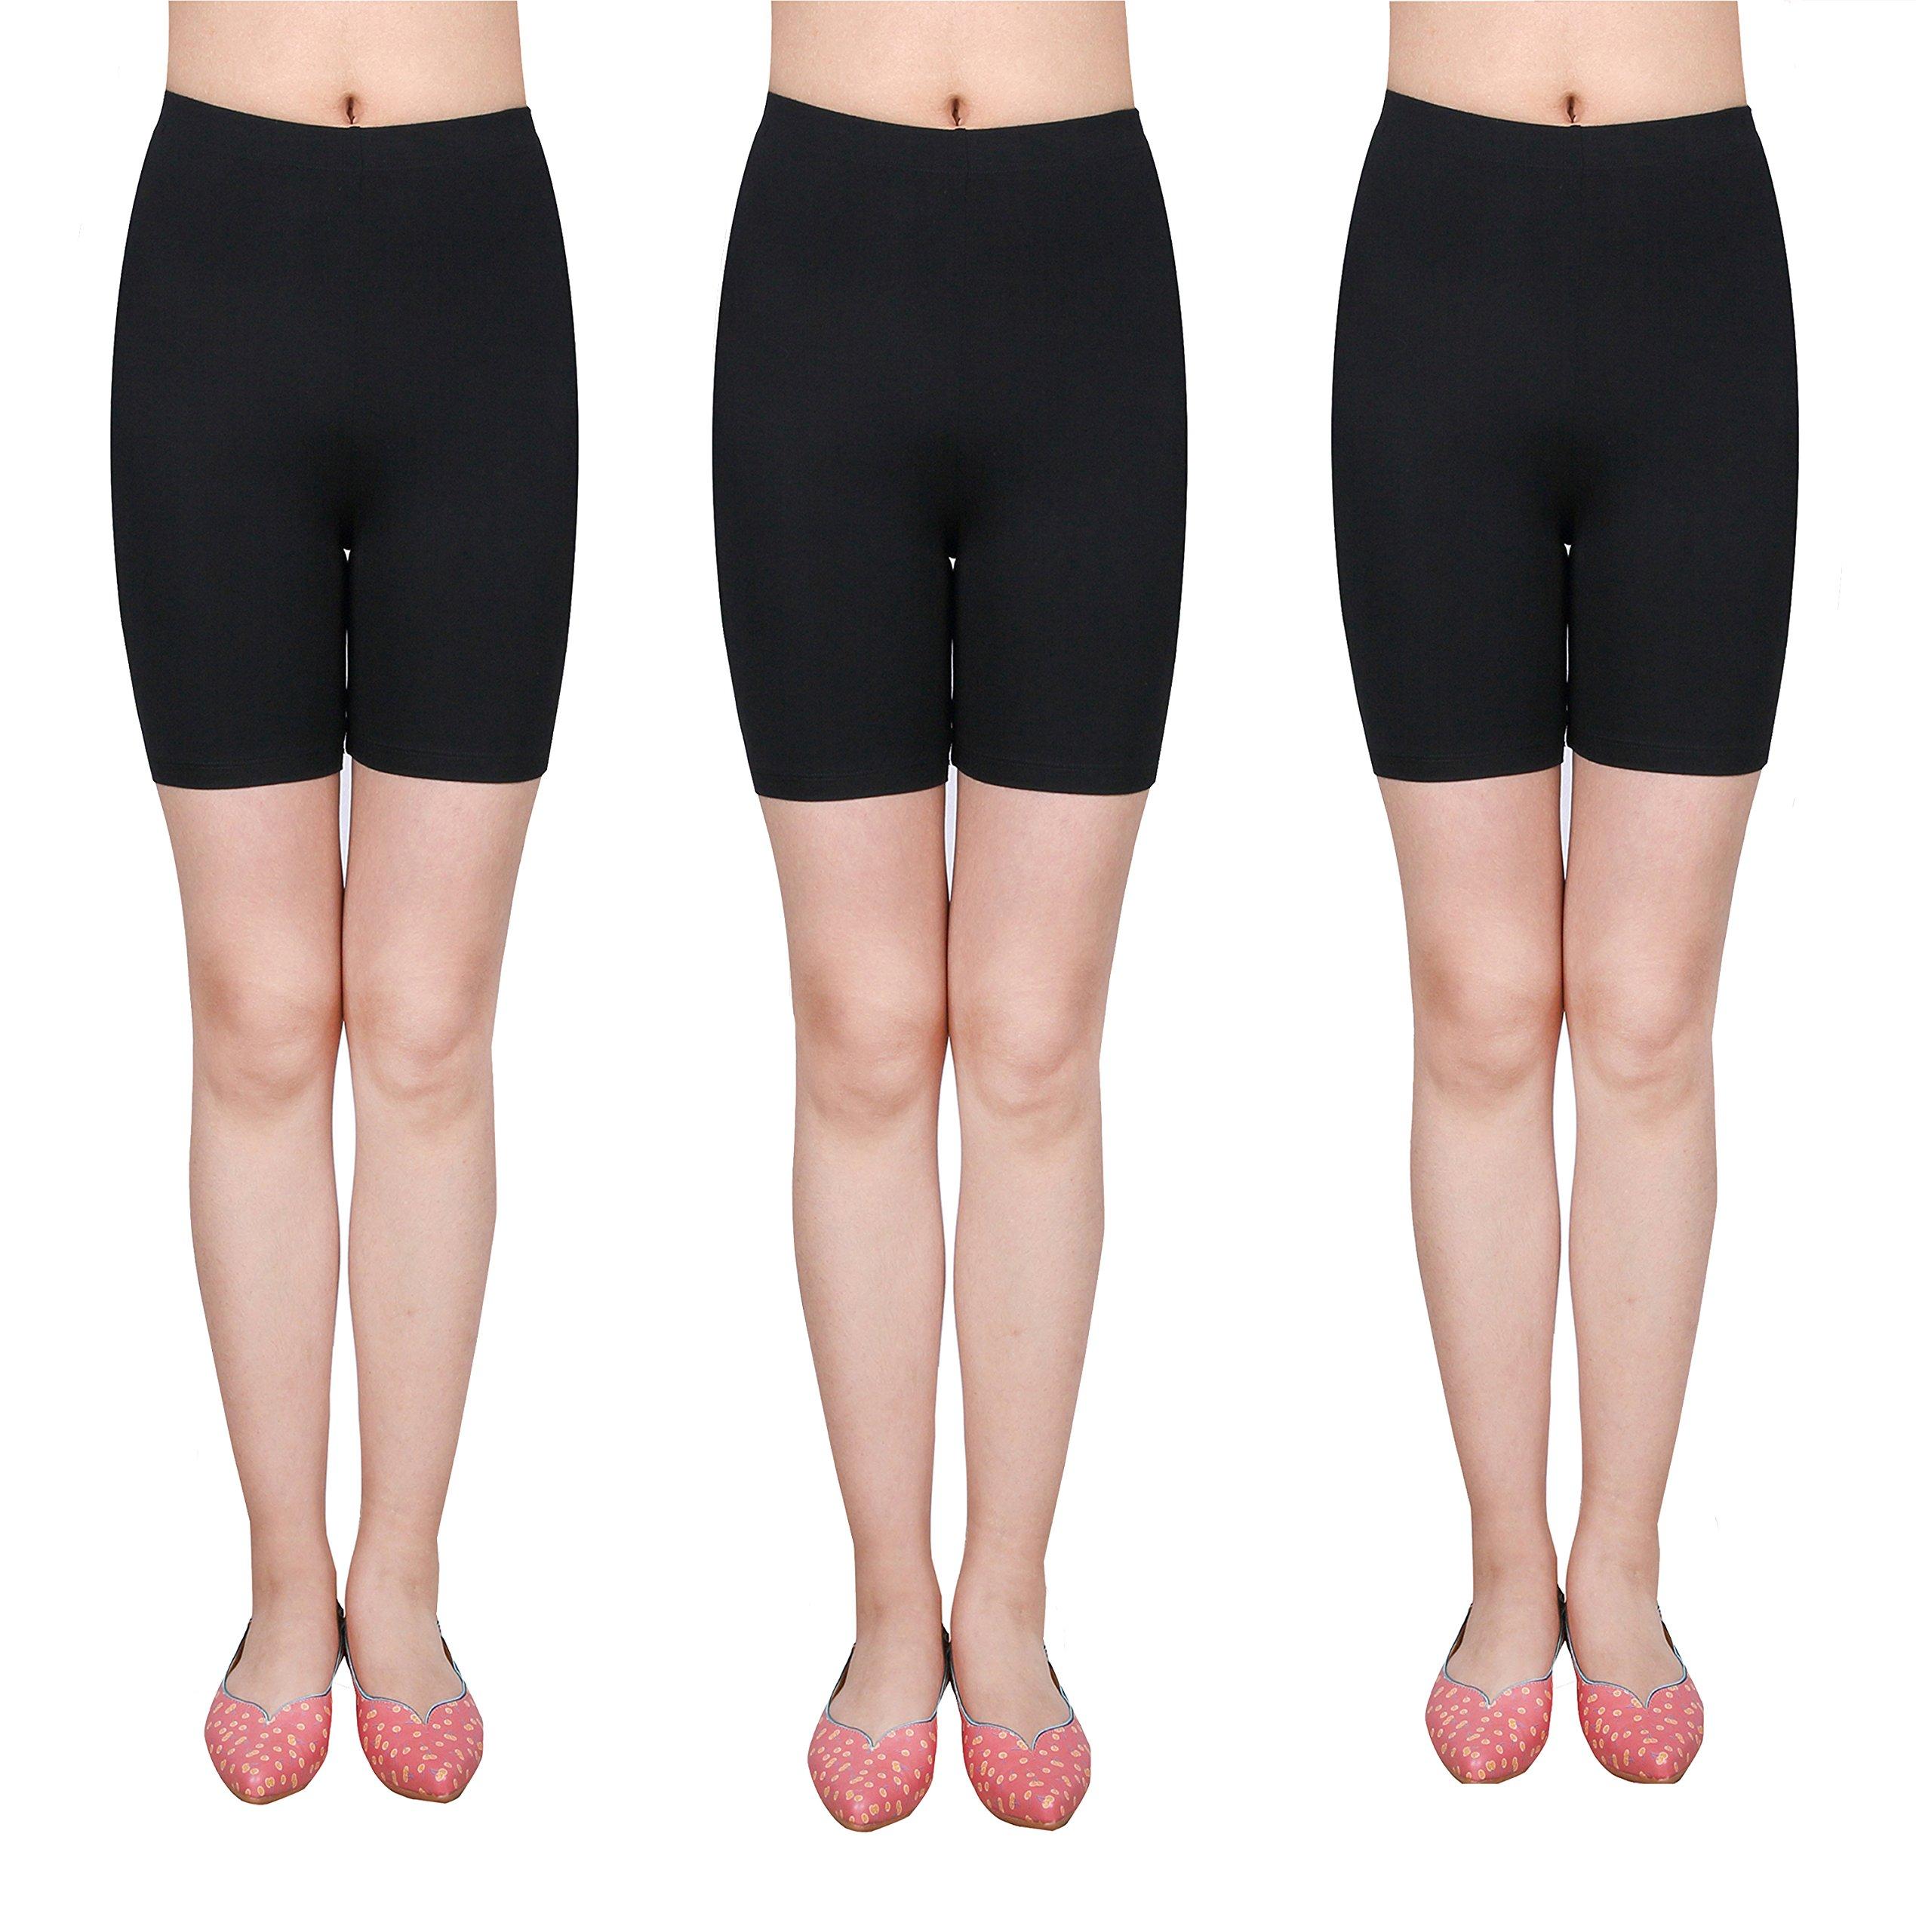 IRELIA 3 Pack Cotton Girls Bike Shorts Soft Underwear for Summer Size 6-16 01 S